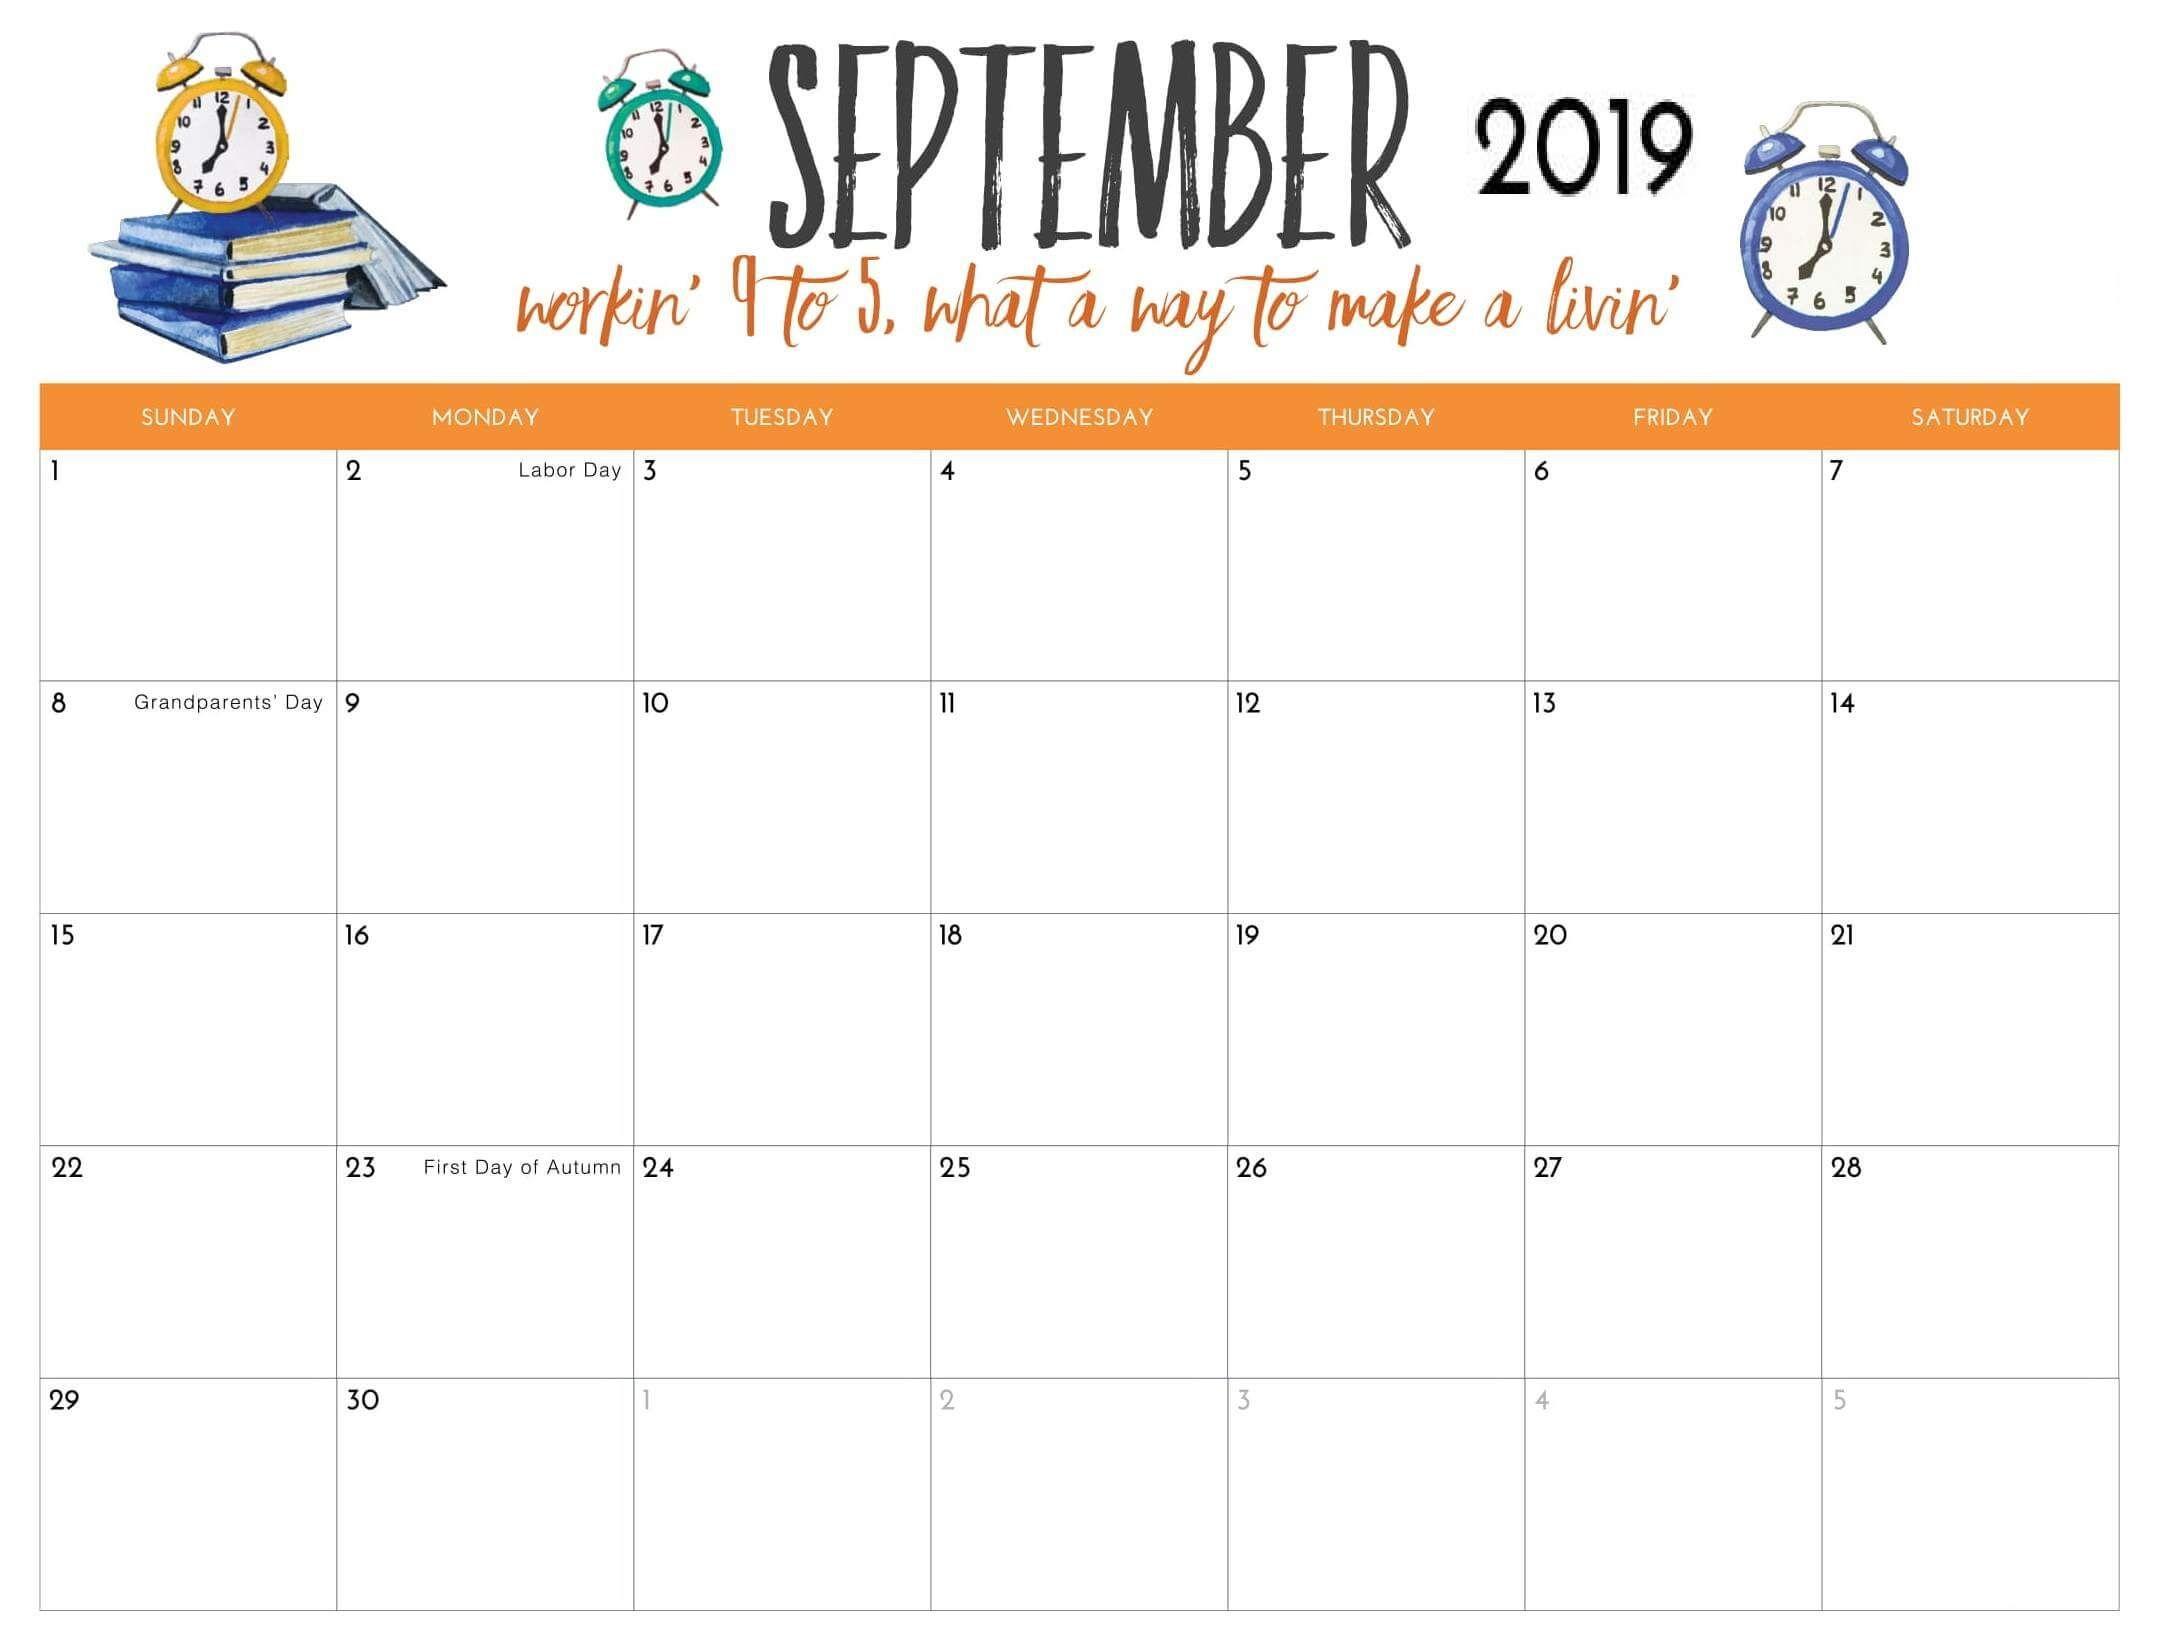 September 2019 Holidays Calendar | Free printable calendar ...